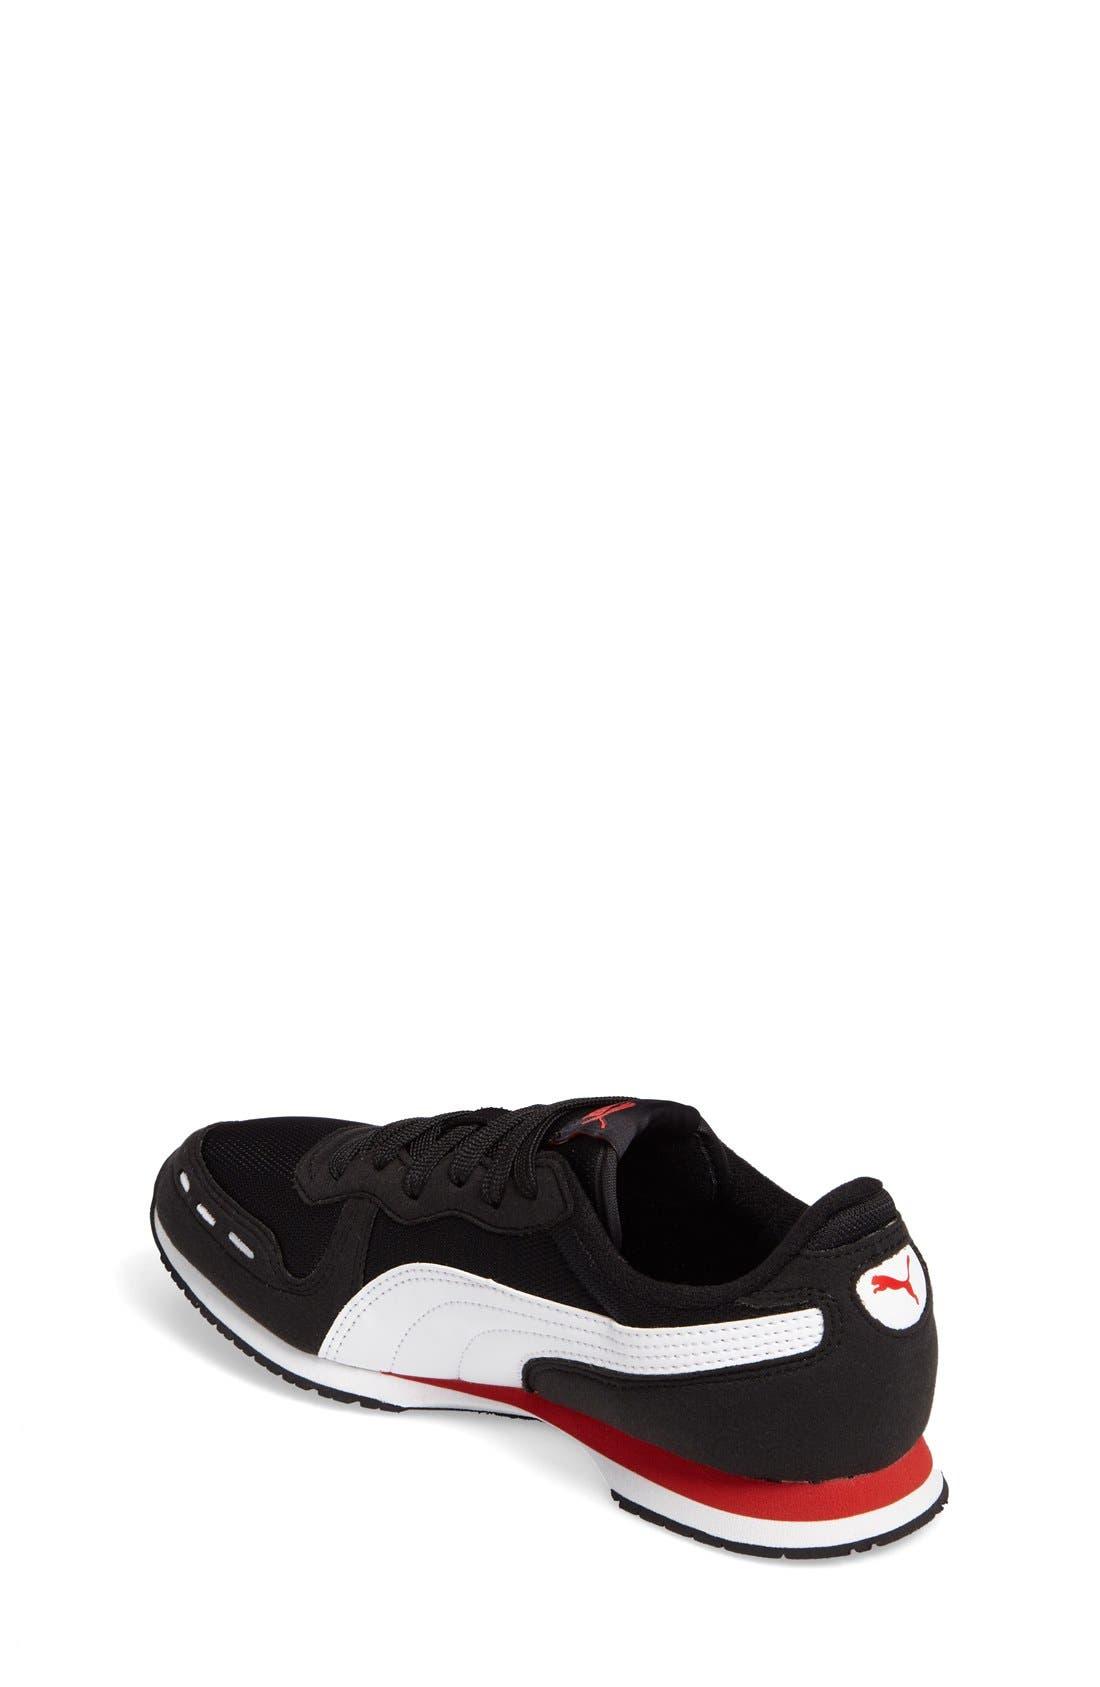 Cabana Racer Sneaker,                             Alternate thumbnail 8, color,                             001